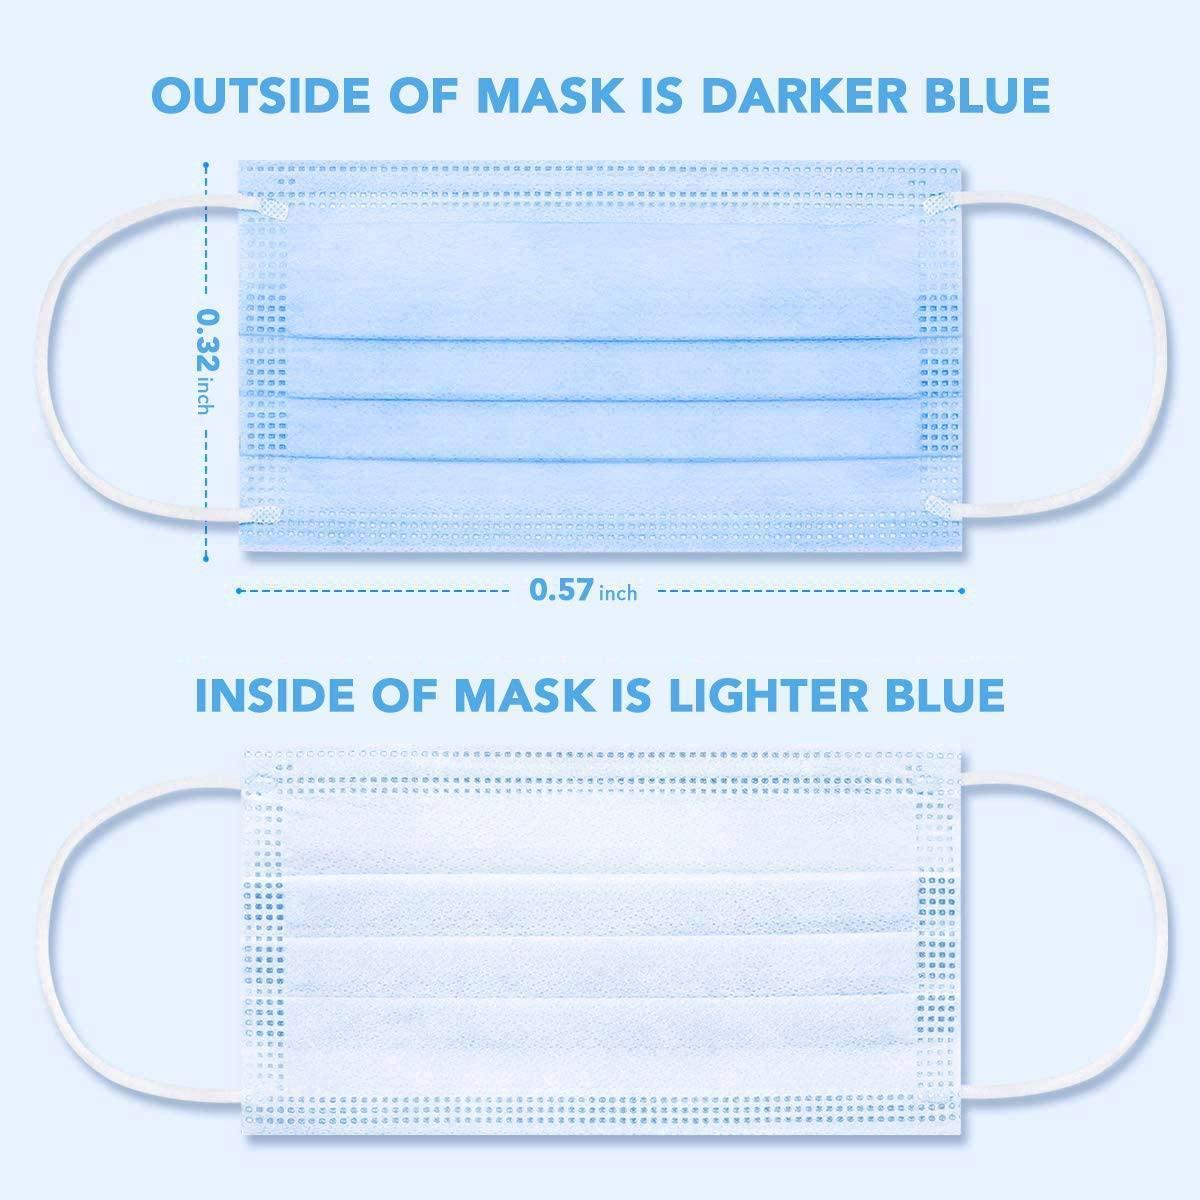 Sicherheitsmaske mit Futterschutz 3 Nanofaser JBHW elastisch 3 Filter und elastische Anti-Staub-Earloops-Schicht-Masken-Schichten Gesicht für Gesichtsdispo-Ukape